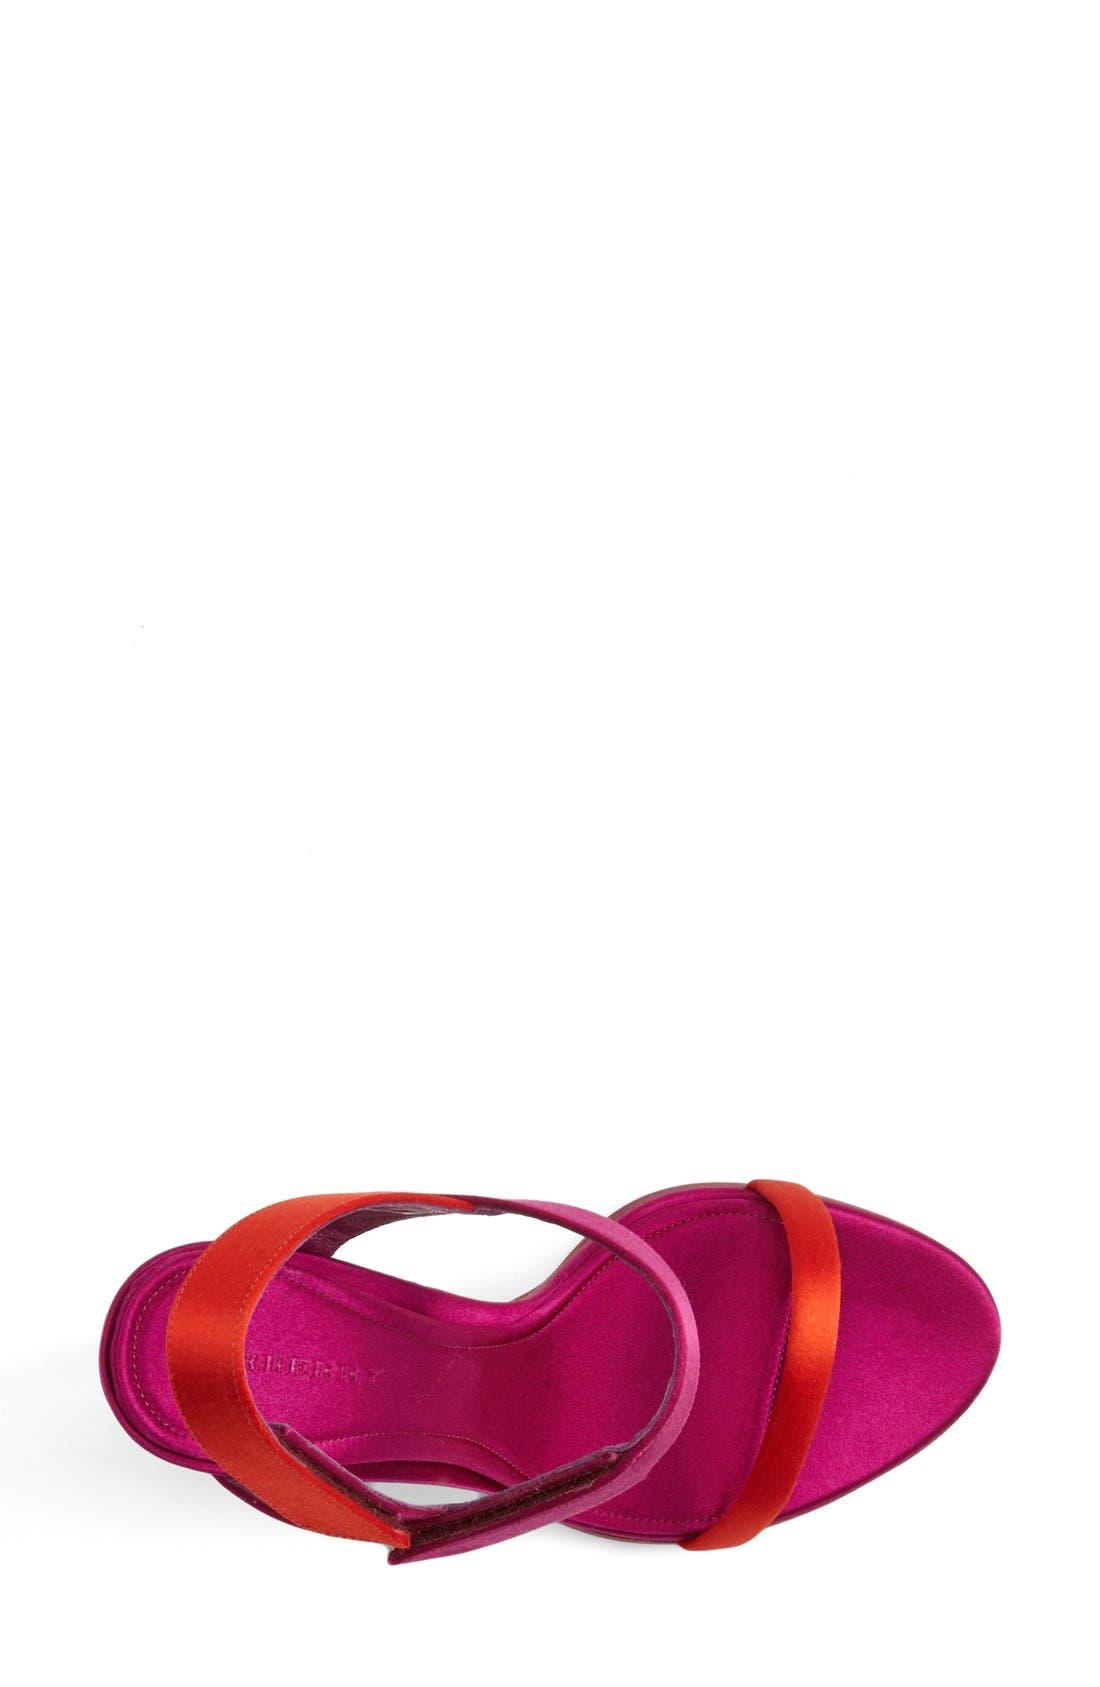 Alternate Image 3  - Burberry 'Calcoat' Sandal (Women)